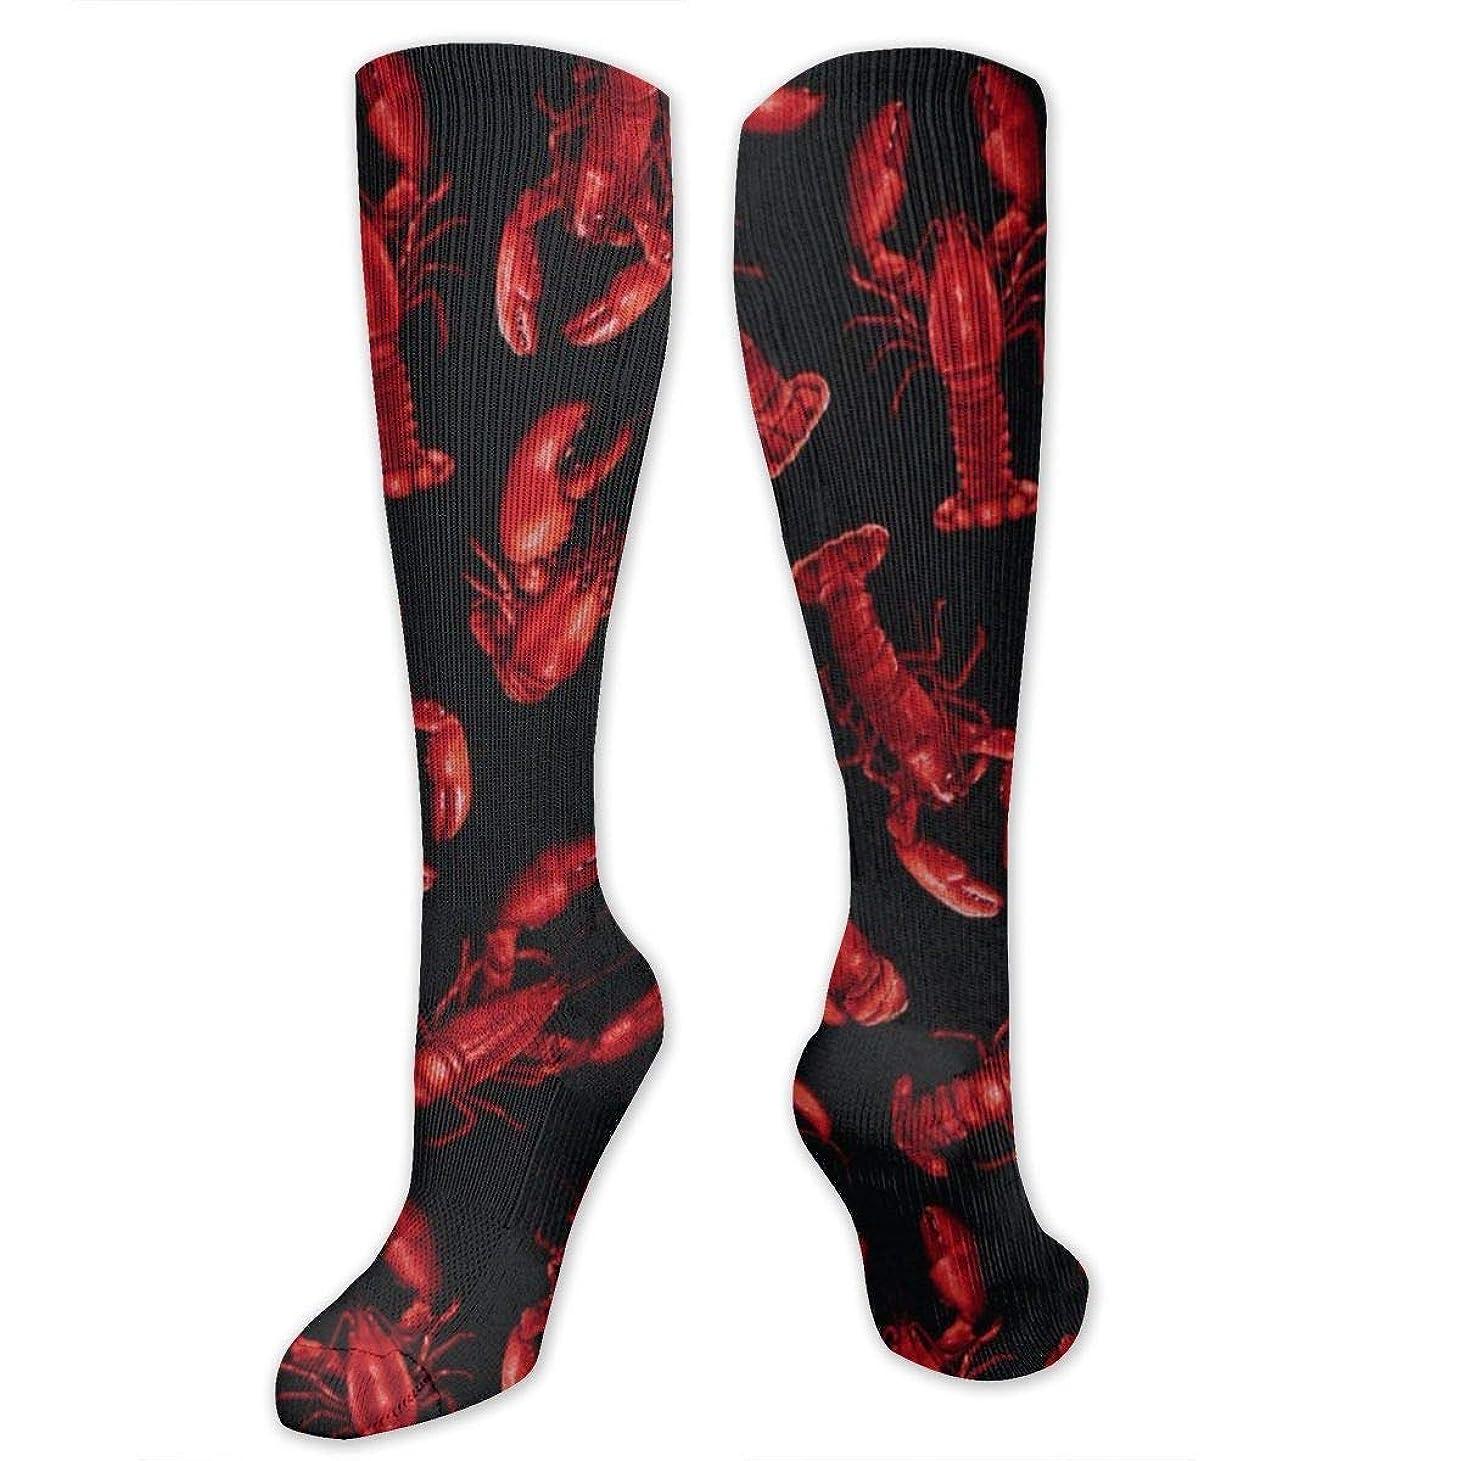 強いますポルノ凍った靴下,ストッキング,野生のジョーカー,実際,秋の本質,冬必須,サマーウェア&RBXAA Women's Winter Cotton Long Tube Socks Knee High Graduated Compression Socks Lobster Claws Socks